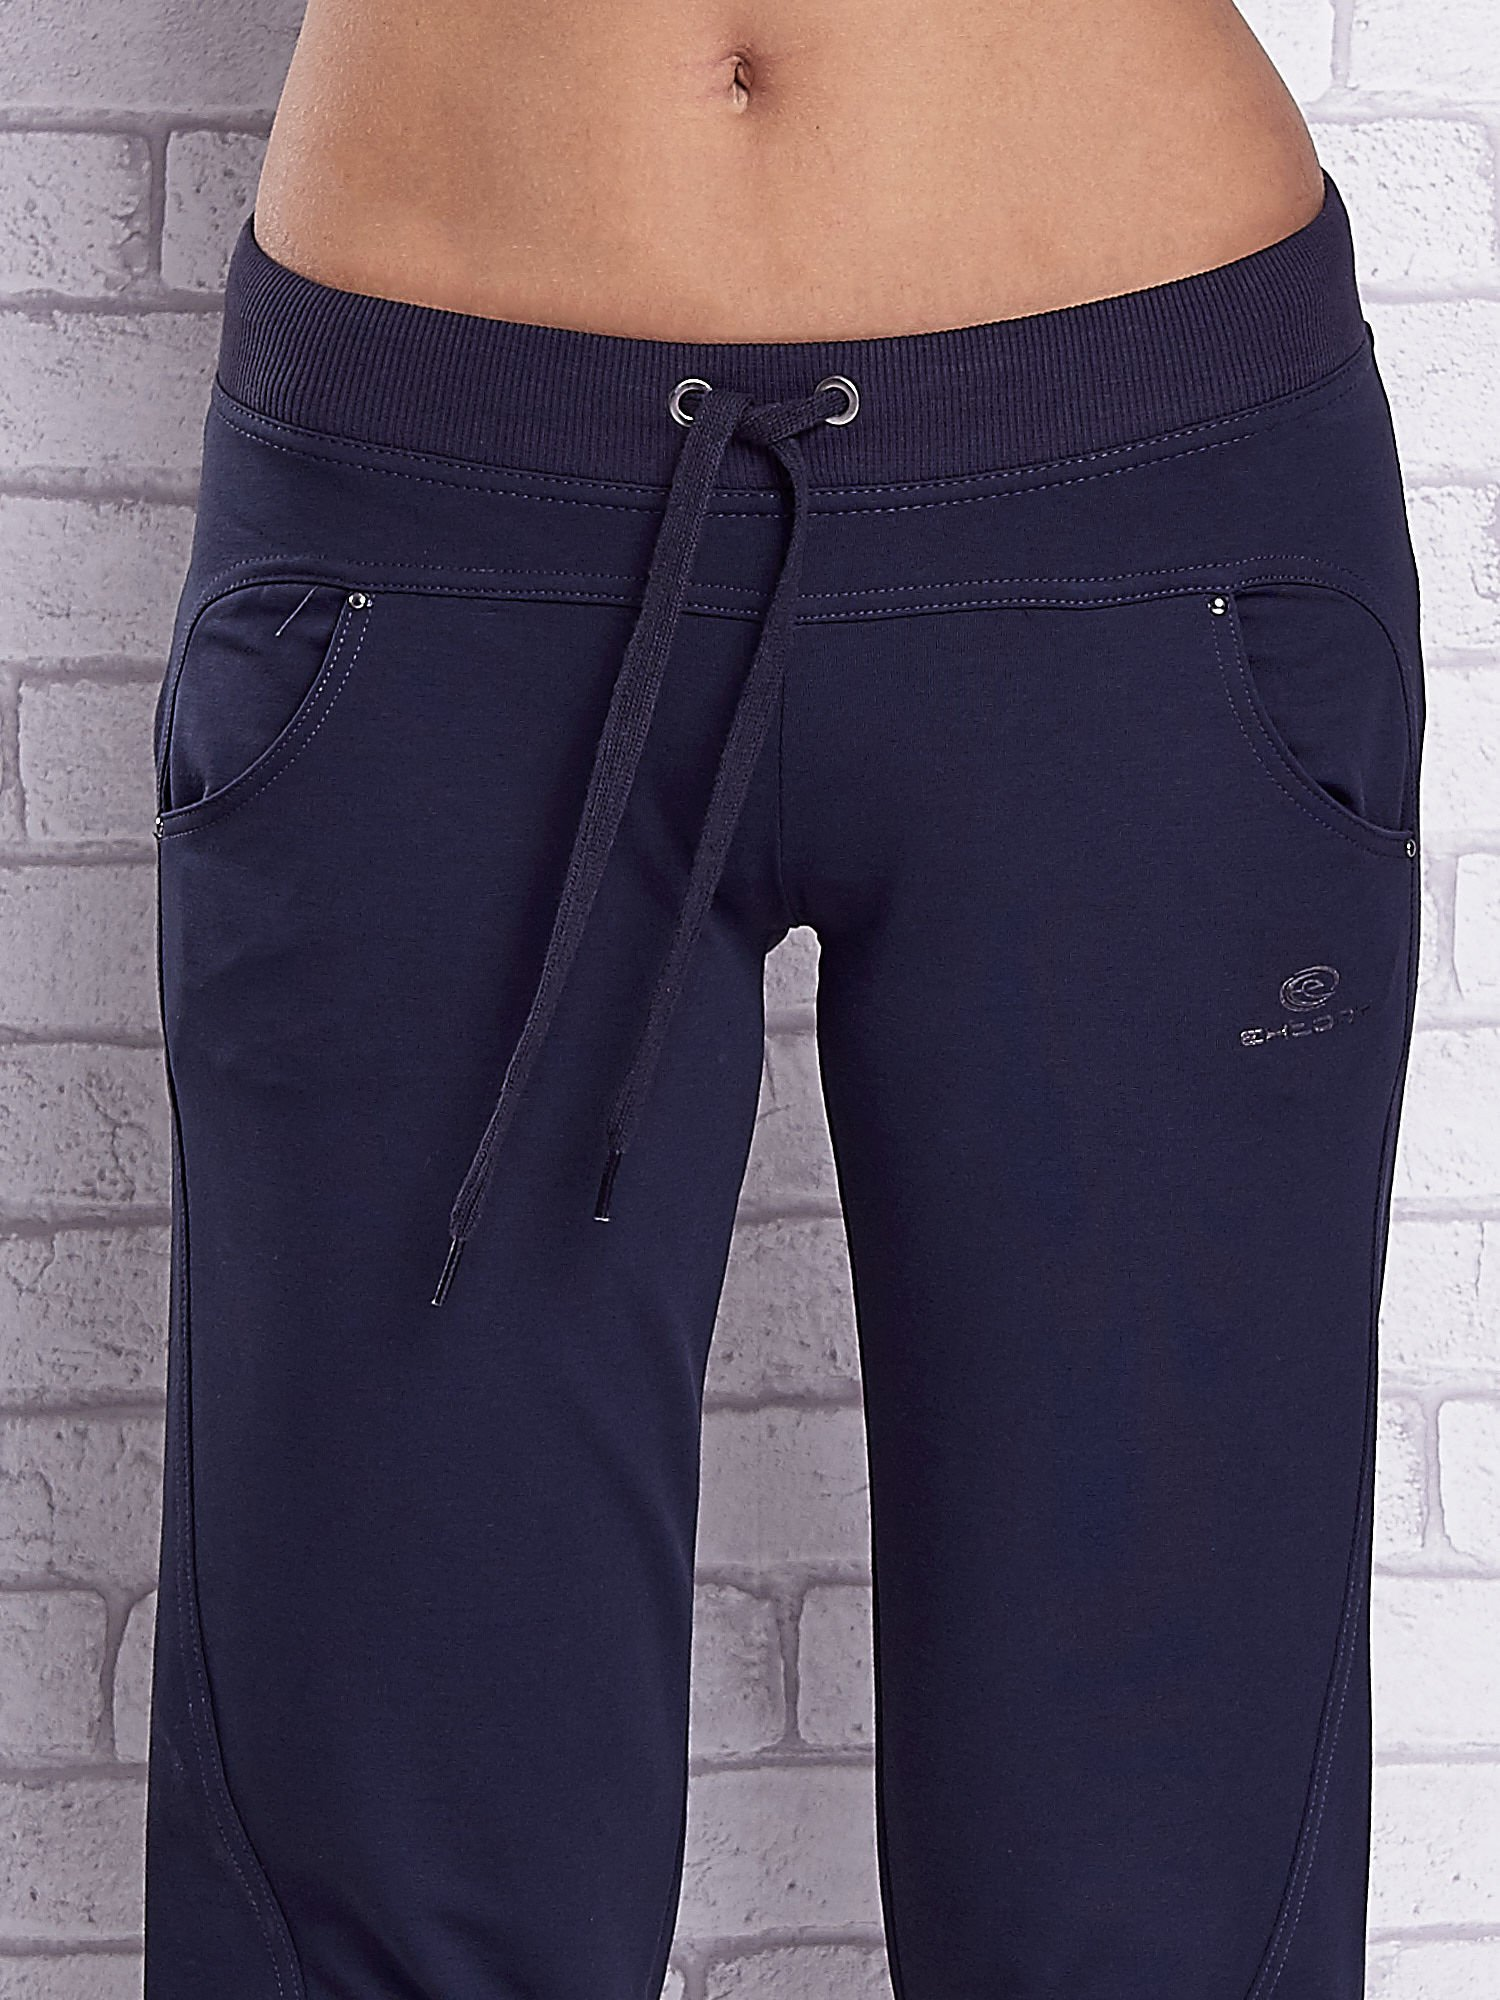 Grafitowe spodnie capri z troczkami w pasie                                  zdj.                                  4